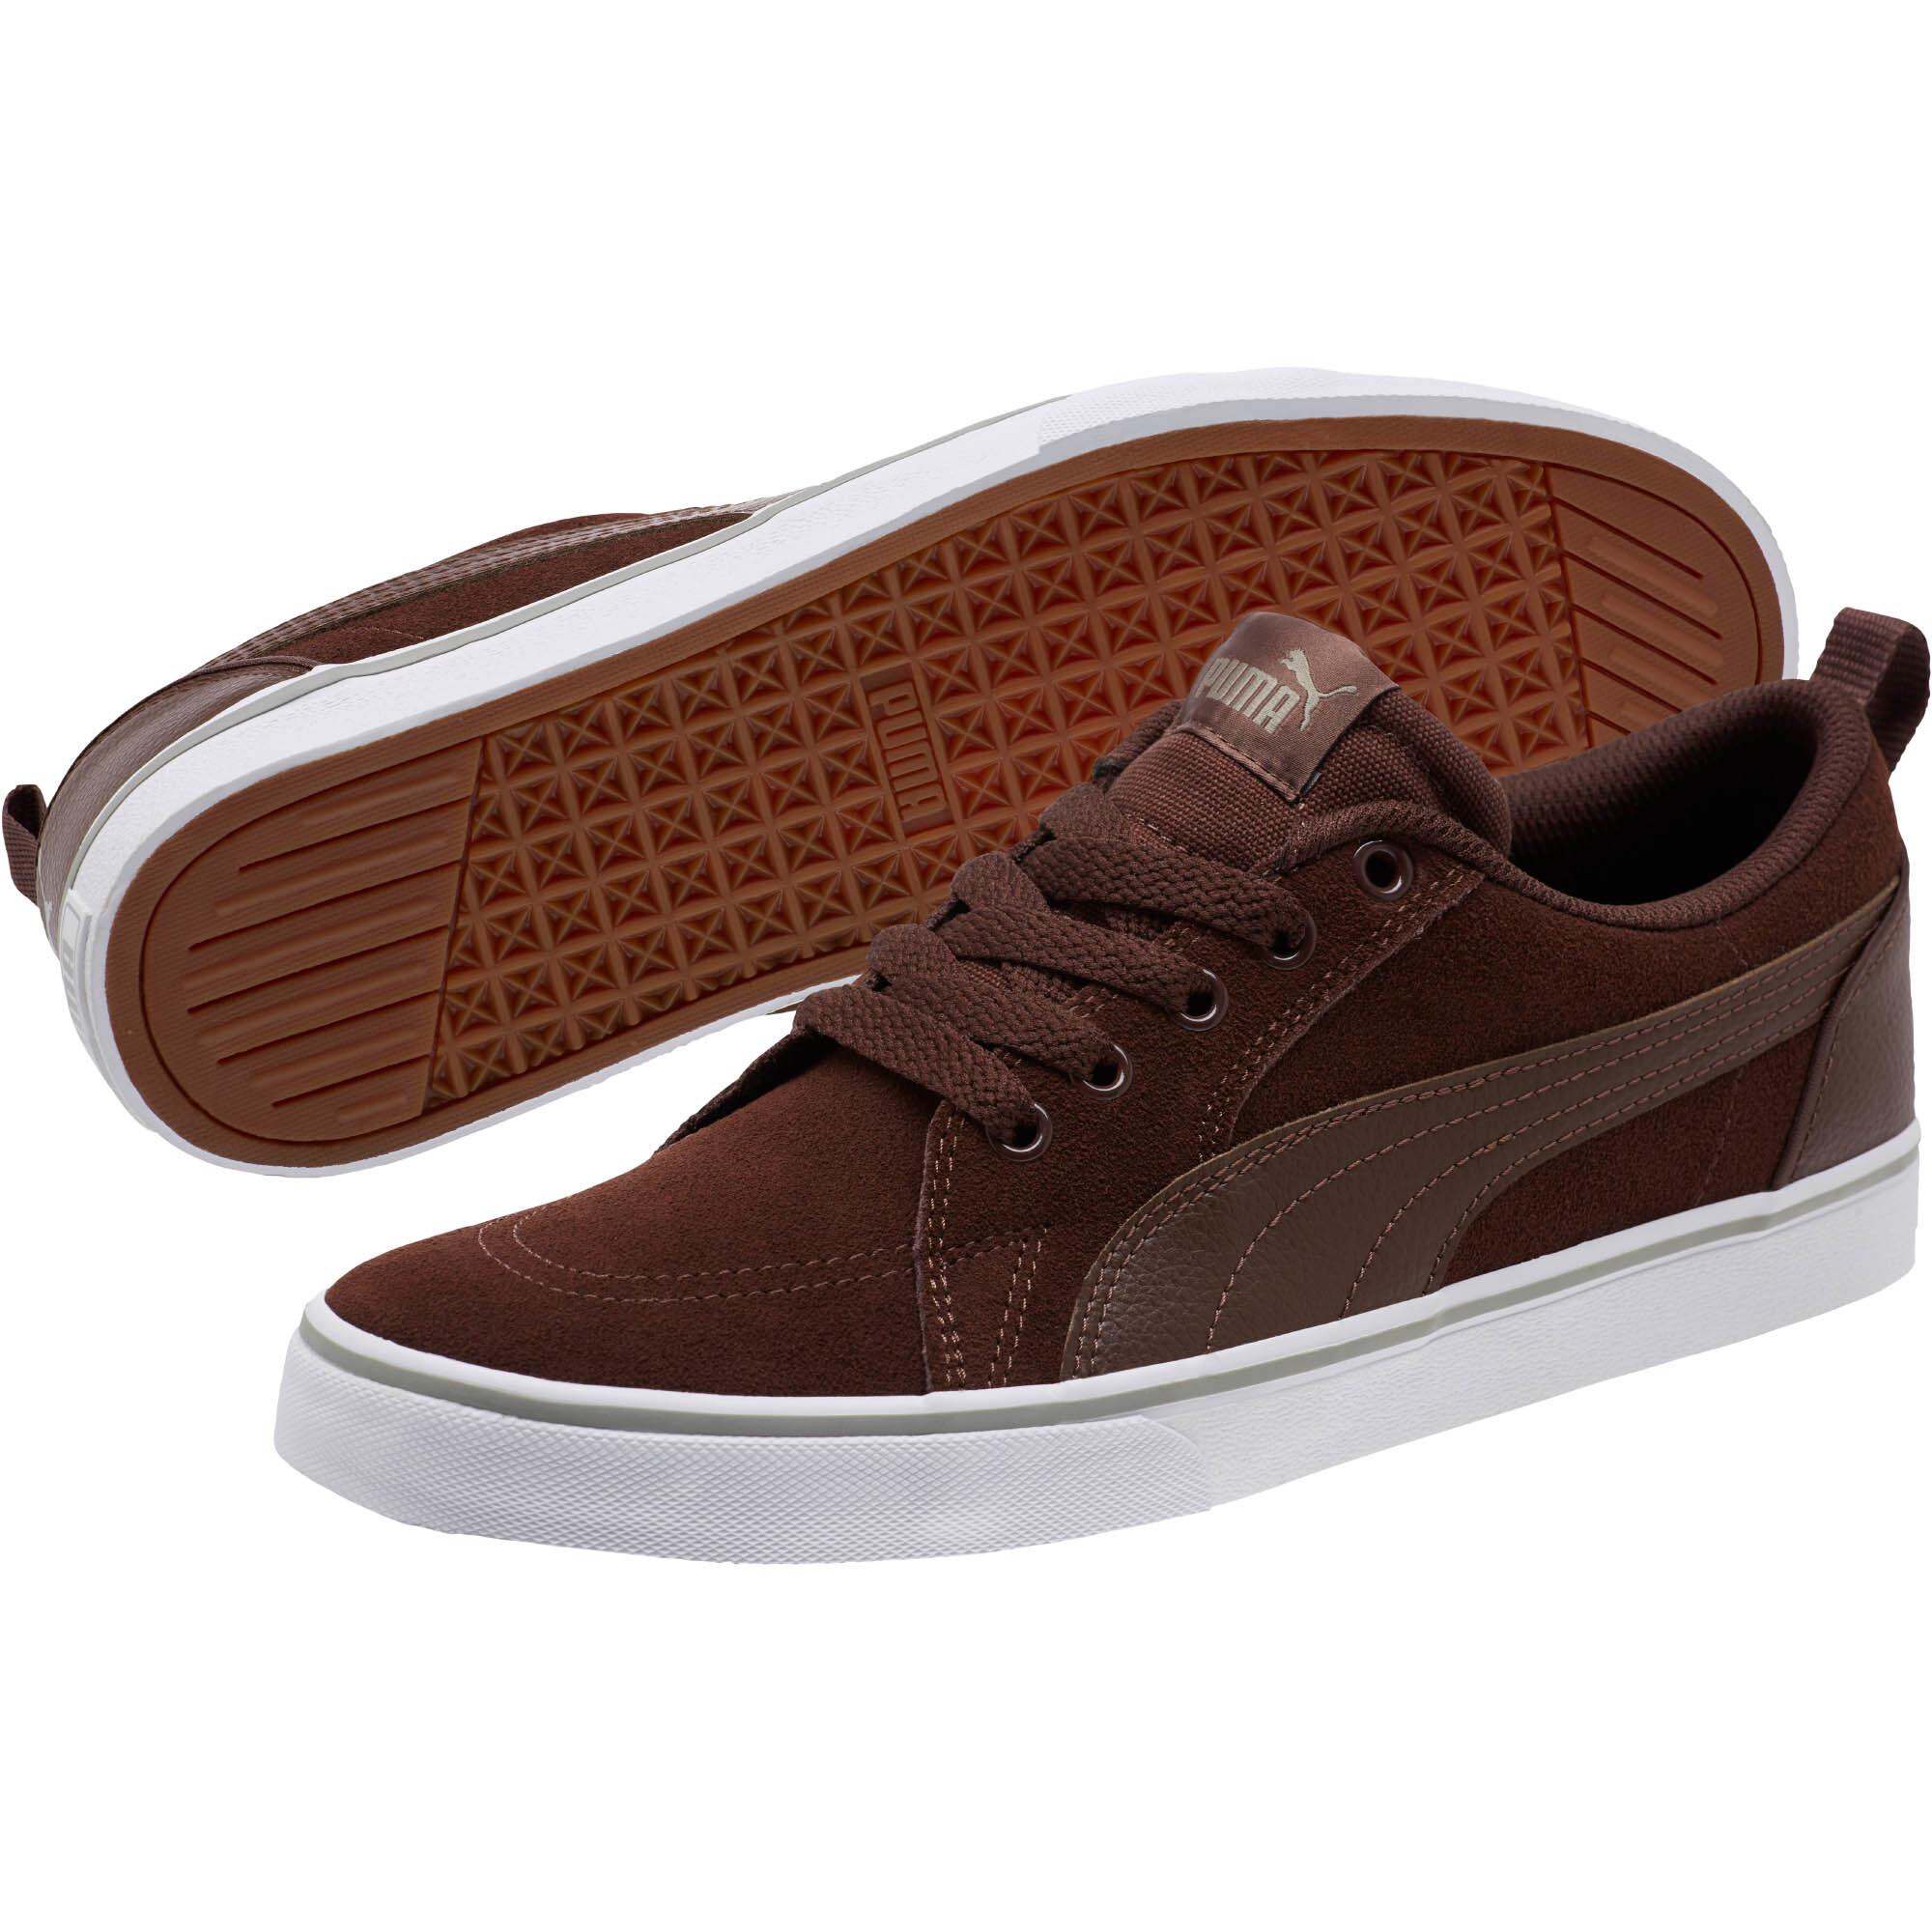 PUMA-Puma-Bridger-SD-Men-039-s-Sneakers-Men-Shoe-Basics thumbnail 4